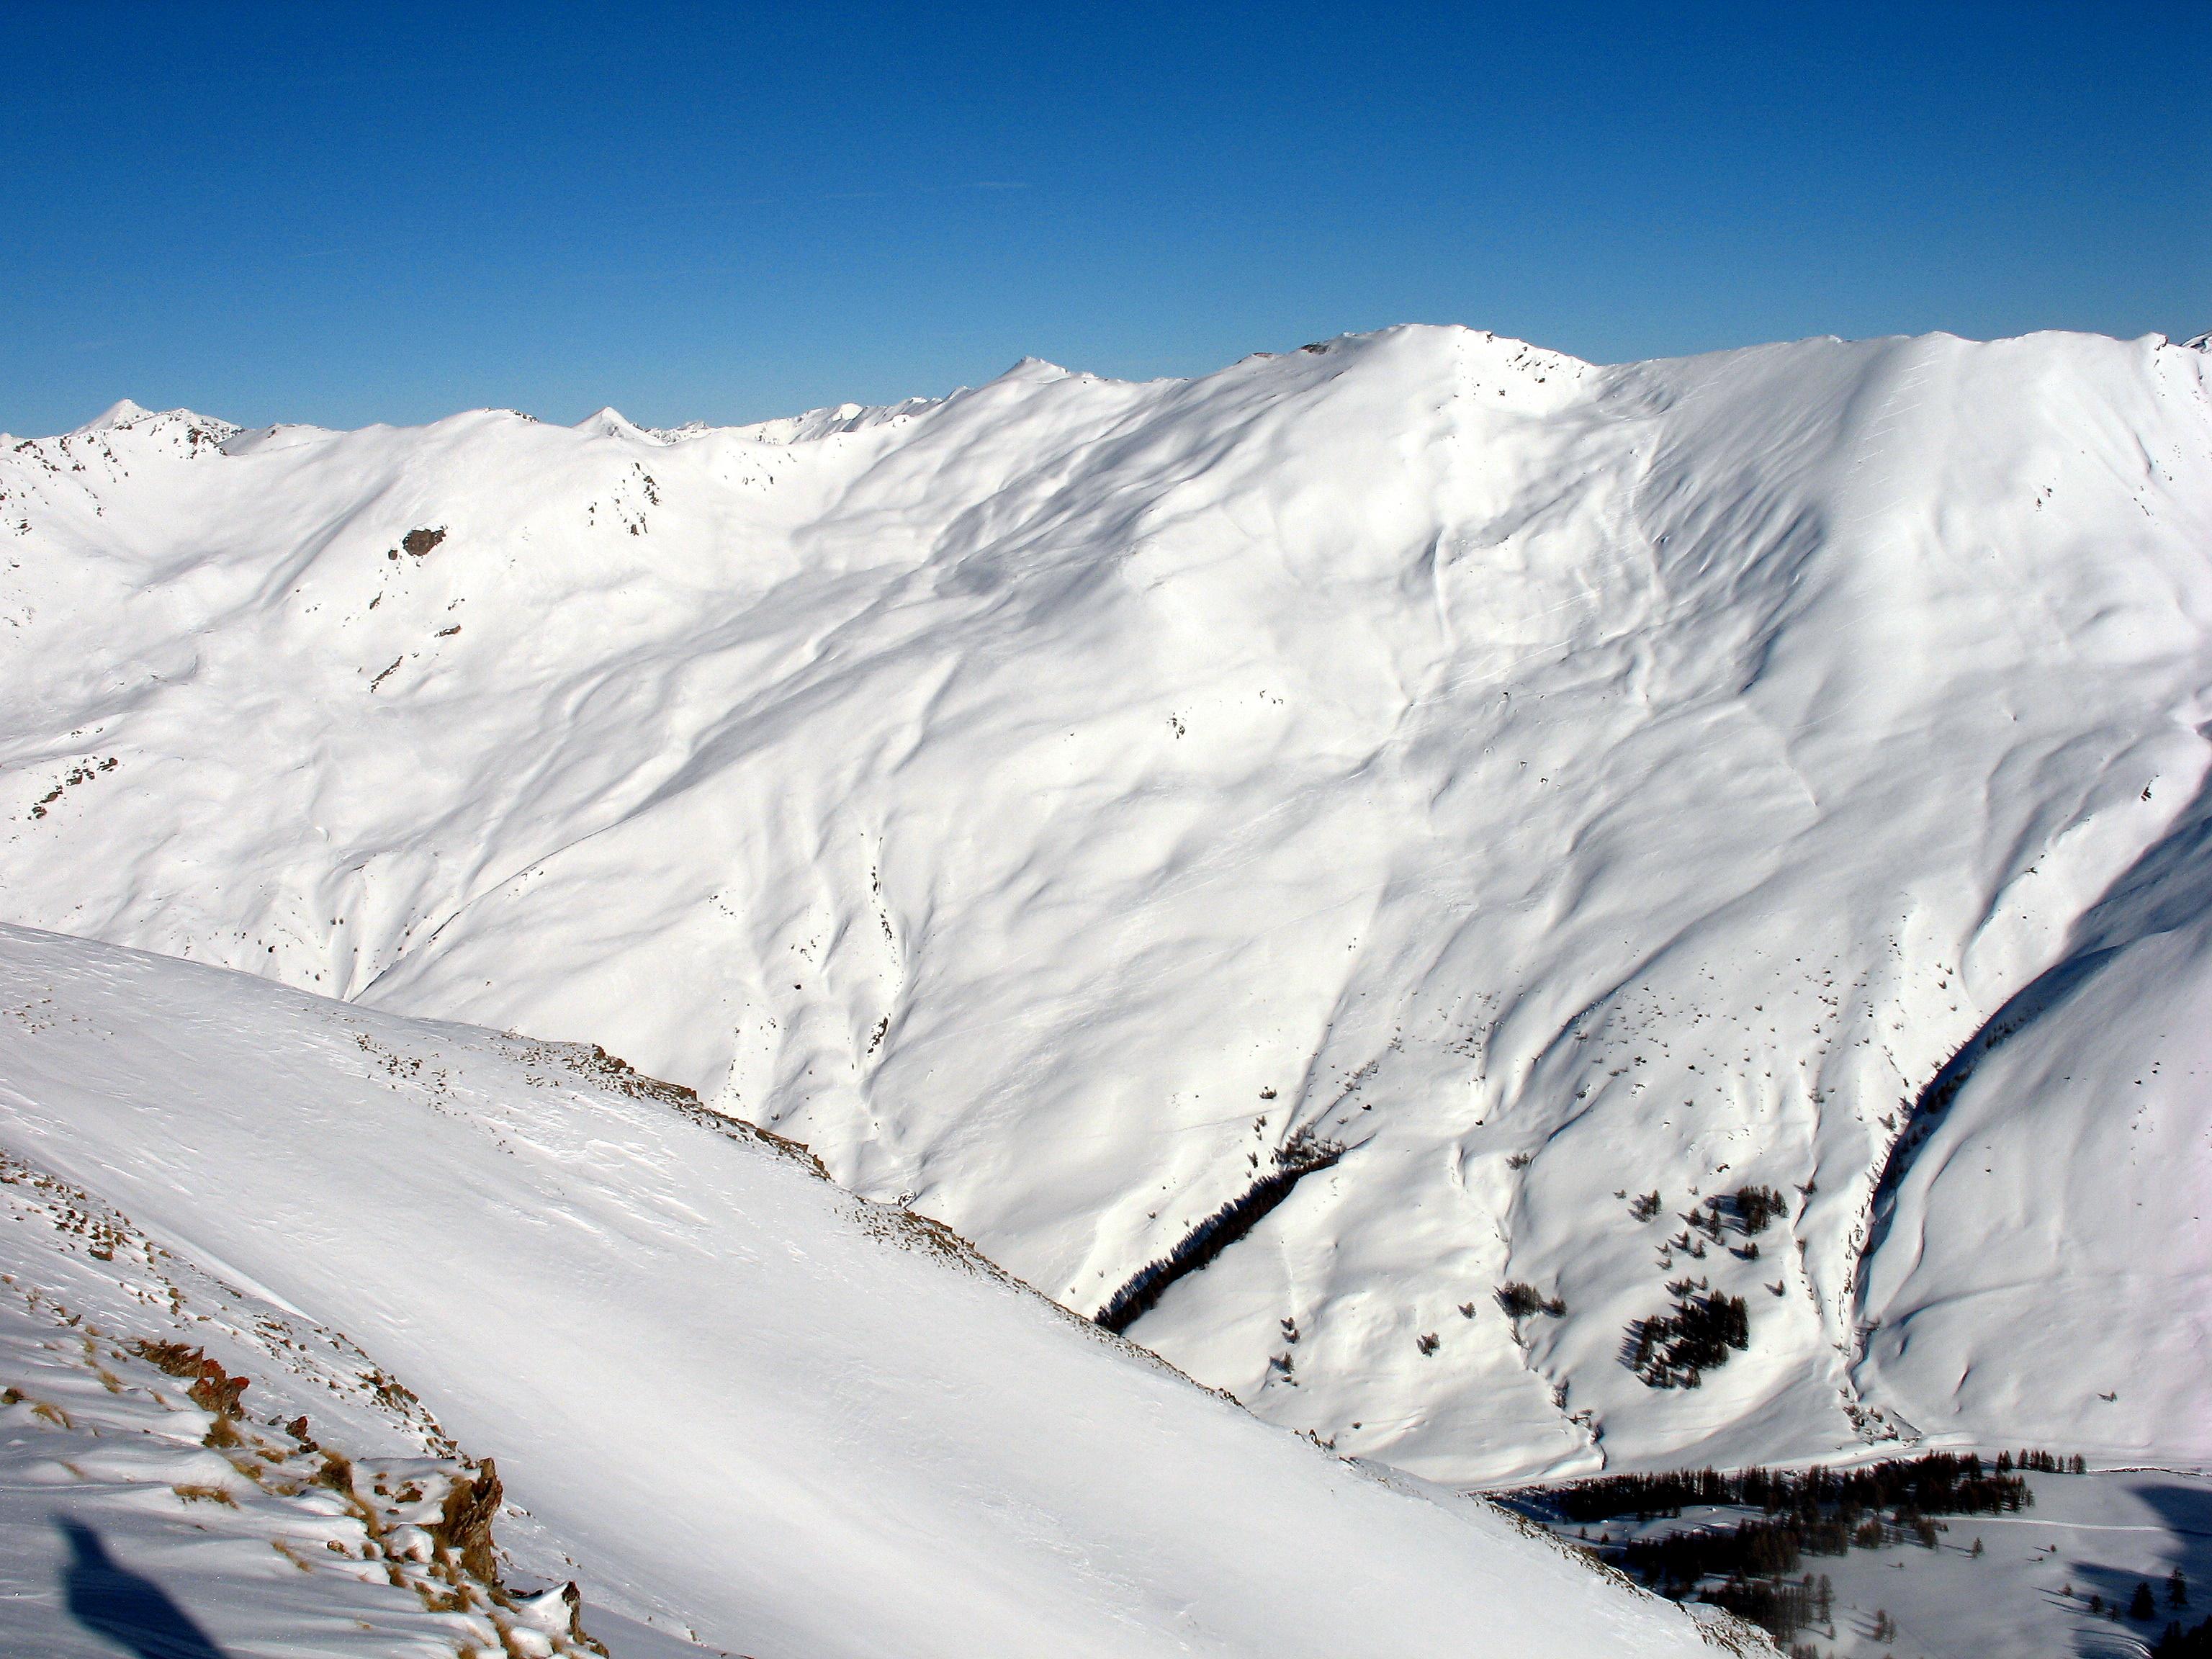 Vue depuis le Grand Serre, sommet de la station de ski Molines - Saint-Véran (2829 m)